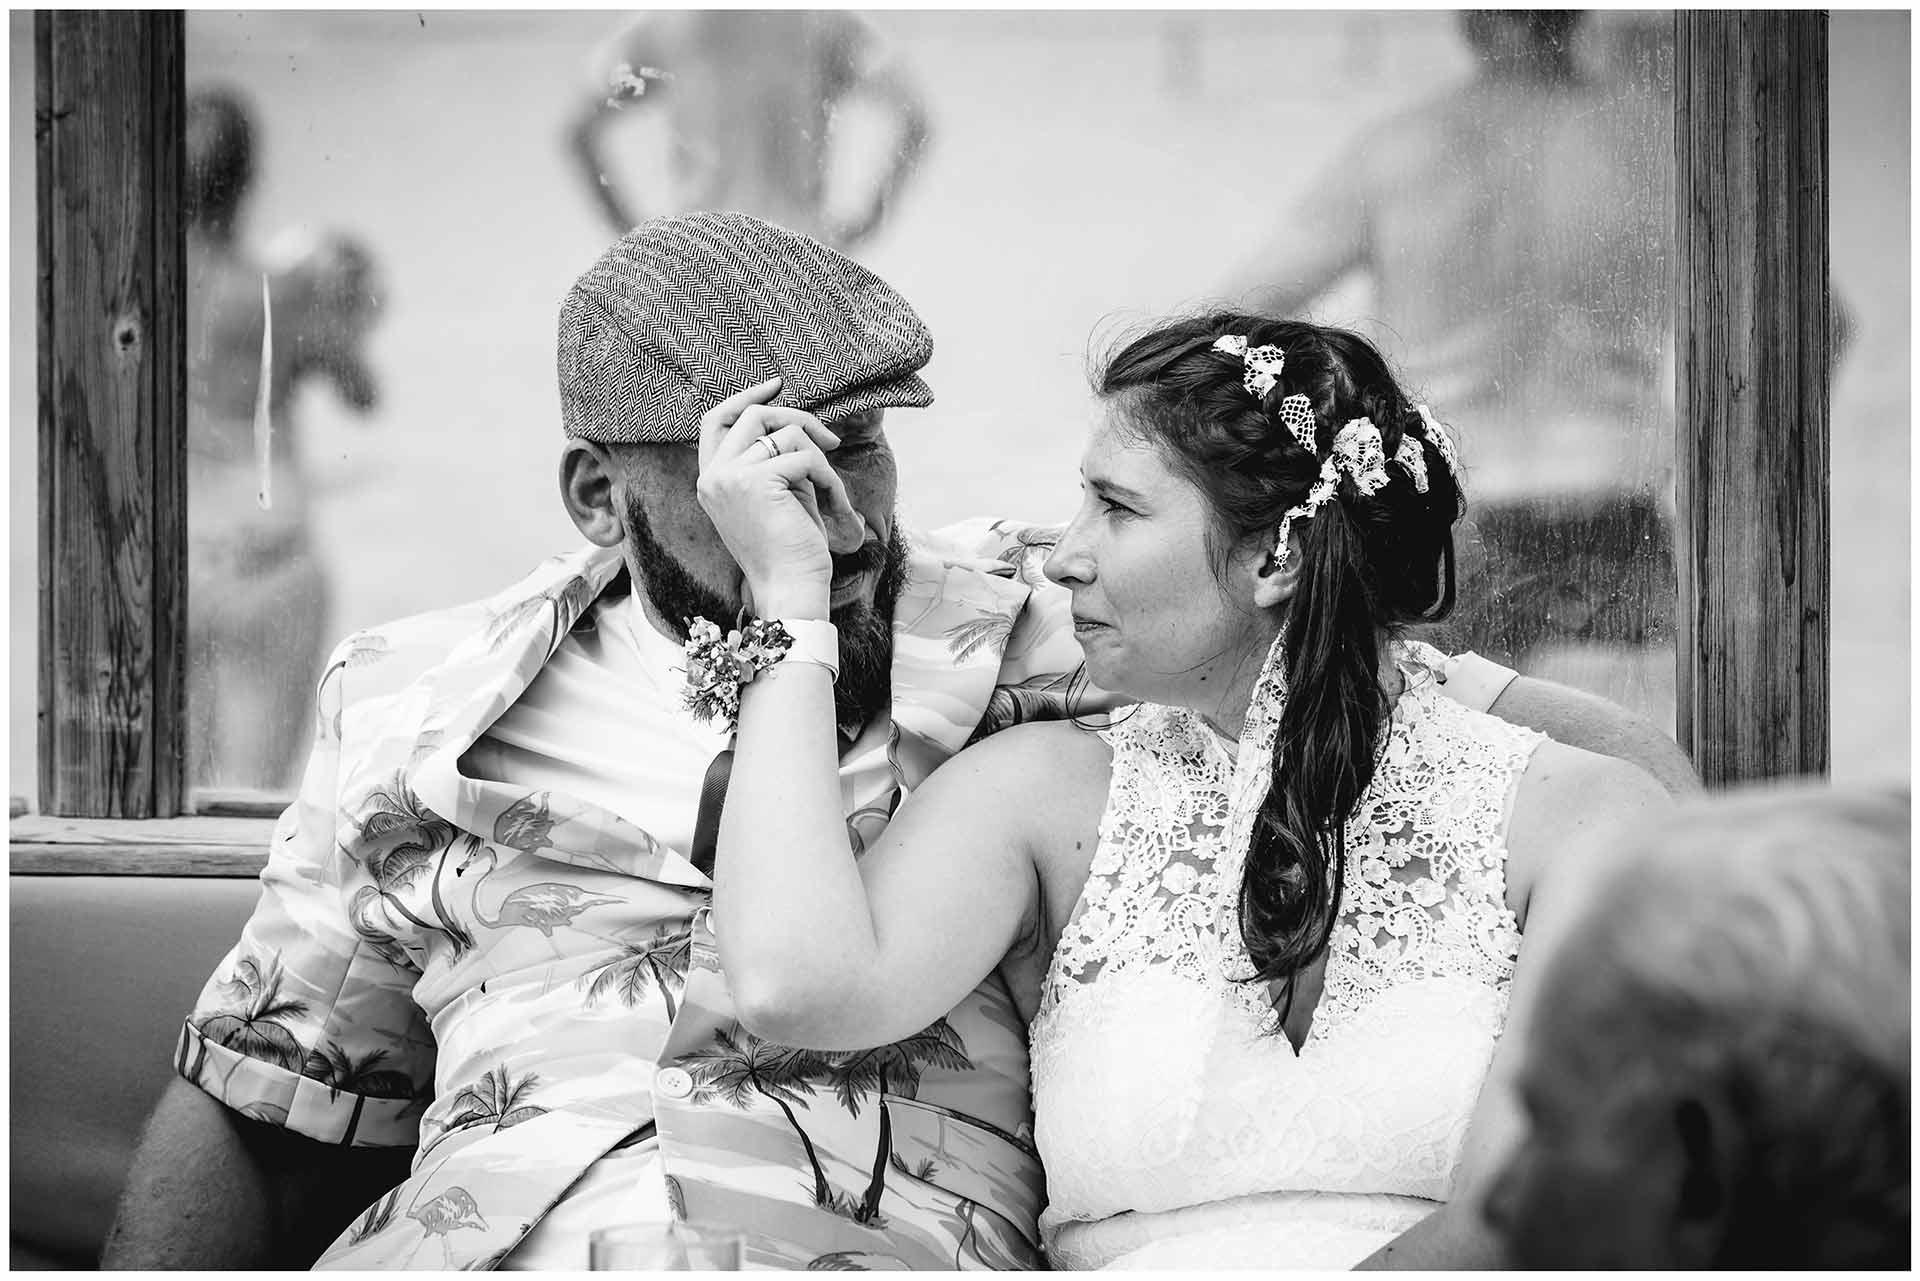 Braut-sitzt-mit-Bruder-zusammen-Hochzeitsfotograf-Warnemuende-Hochzeitsfotograf-Rostock-Hochzeitsfotograf-Ostseebad-Warnemuende